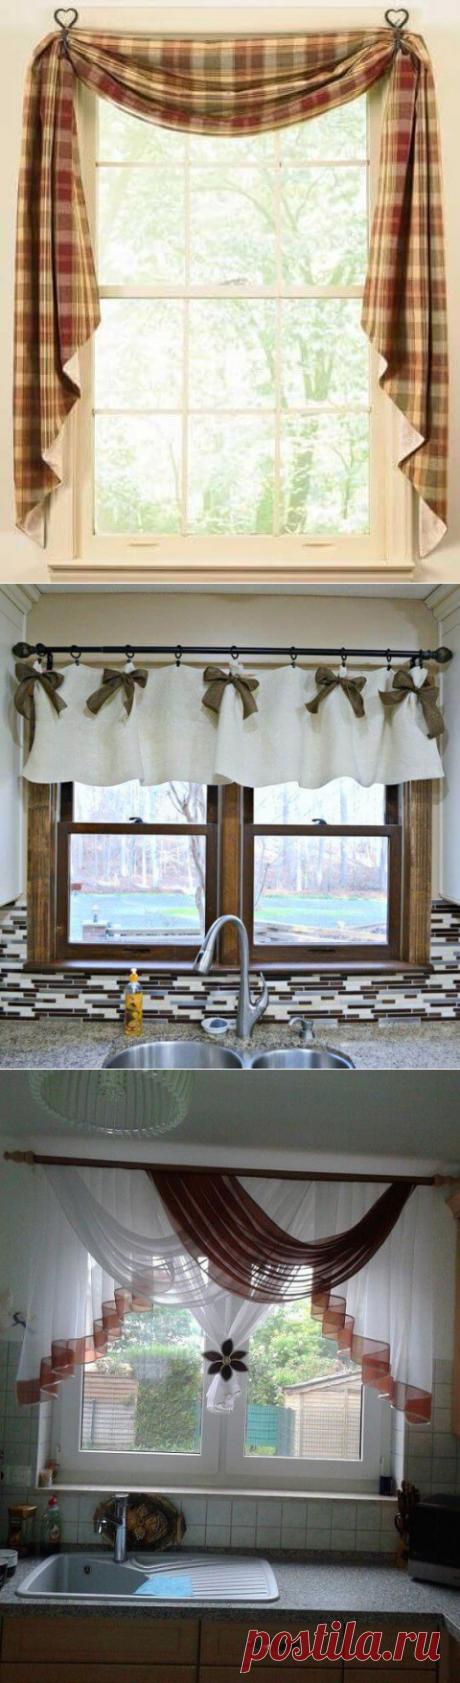 Шторы для кухни. 20 неповторимых идей чтобы обустроить окно на кухне в уникальном стиле | Тысяча и одна идея